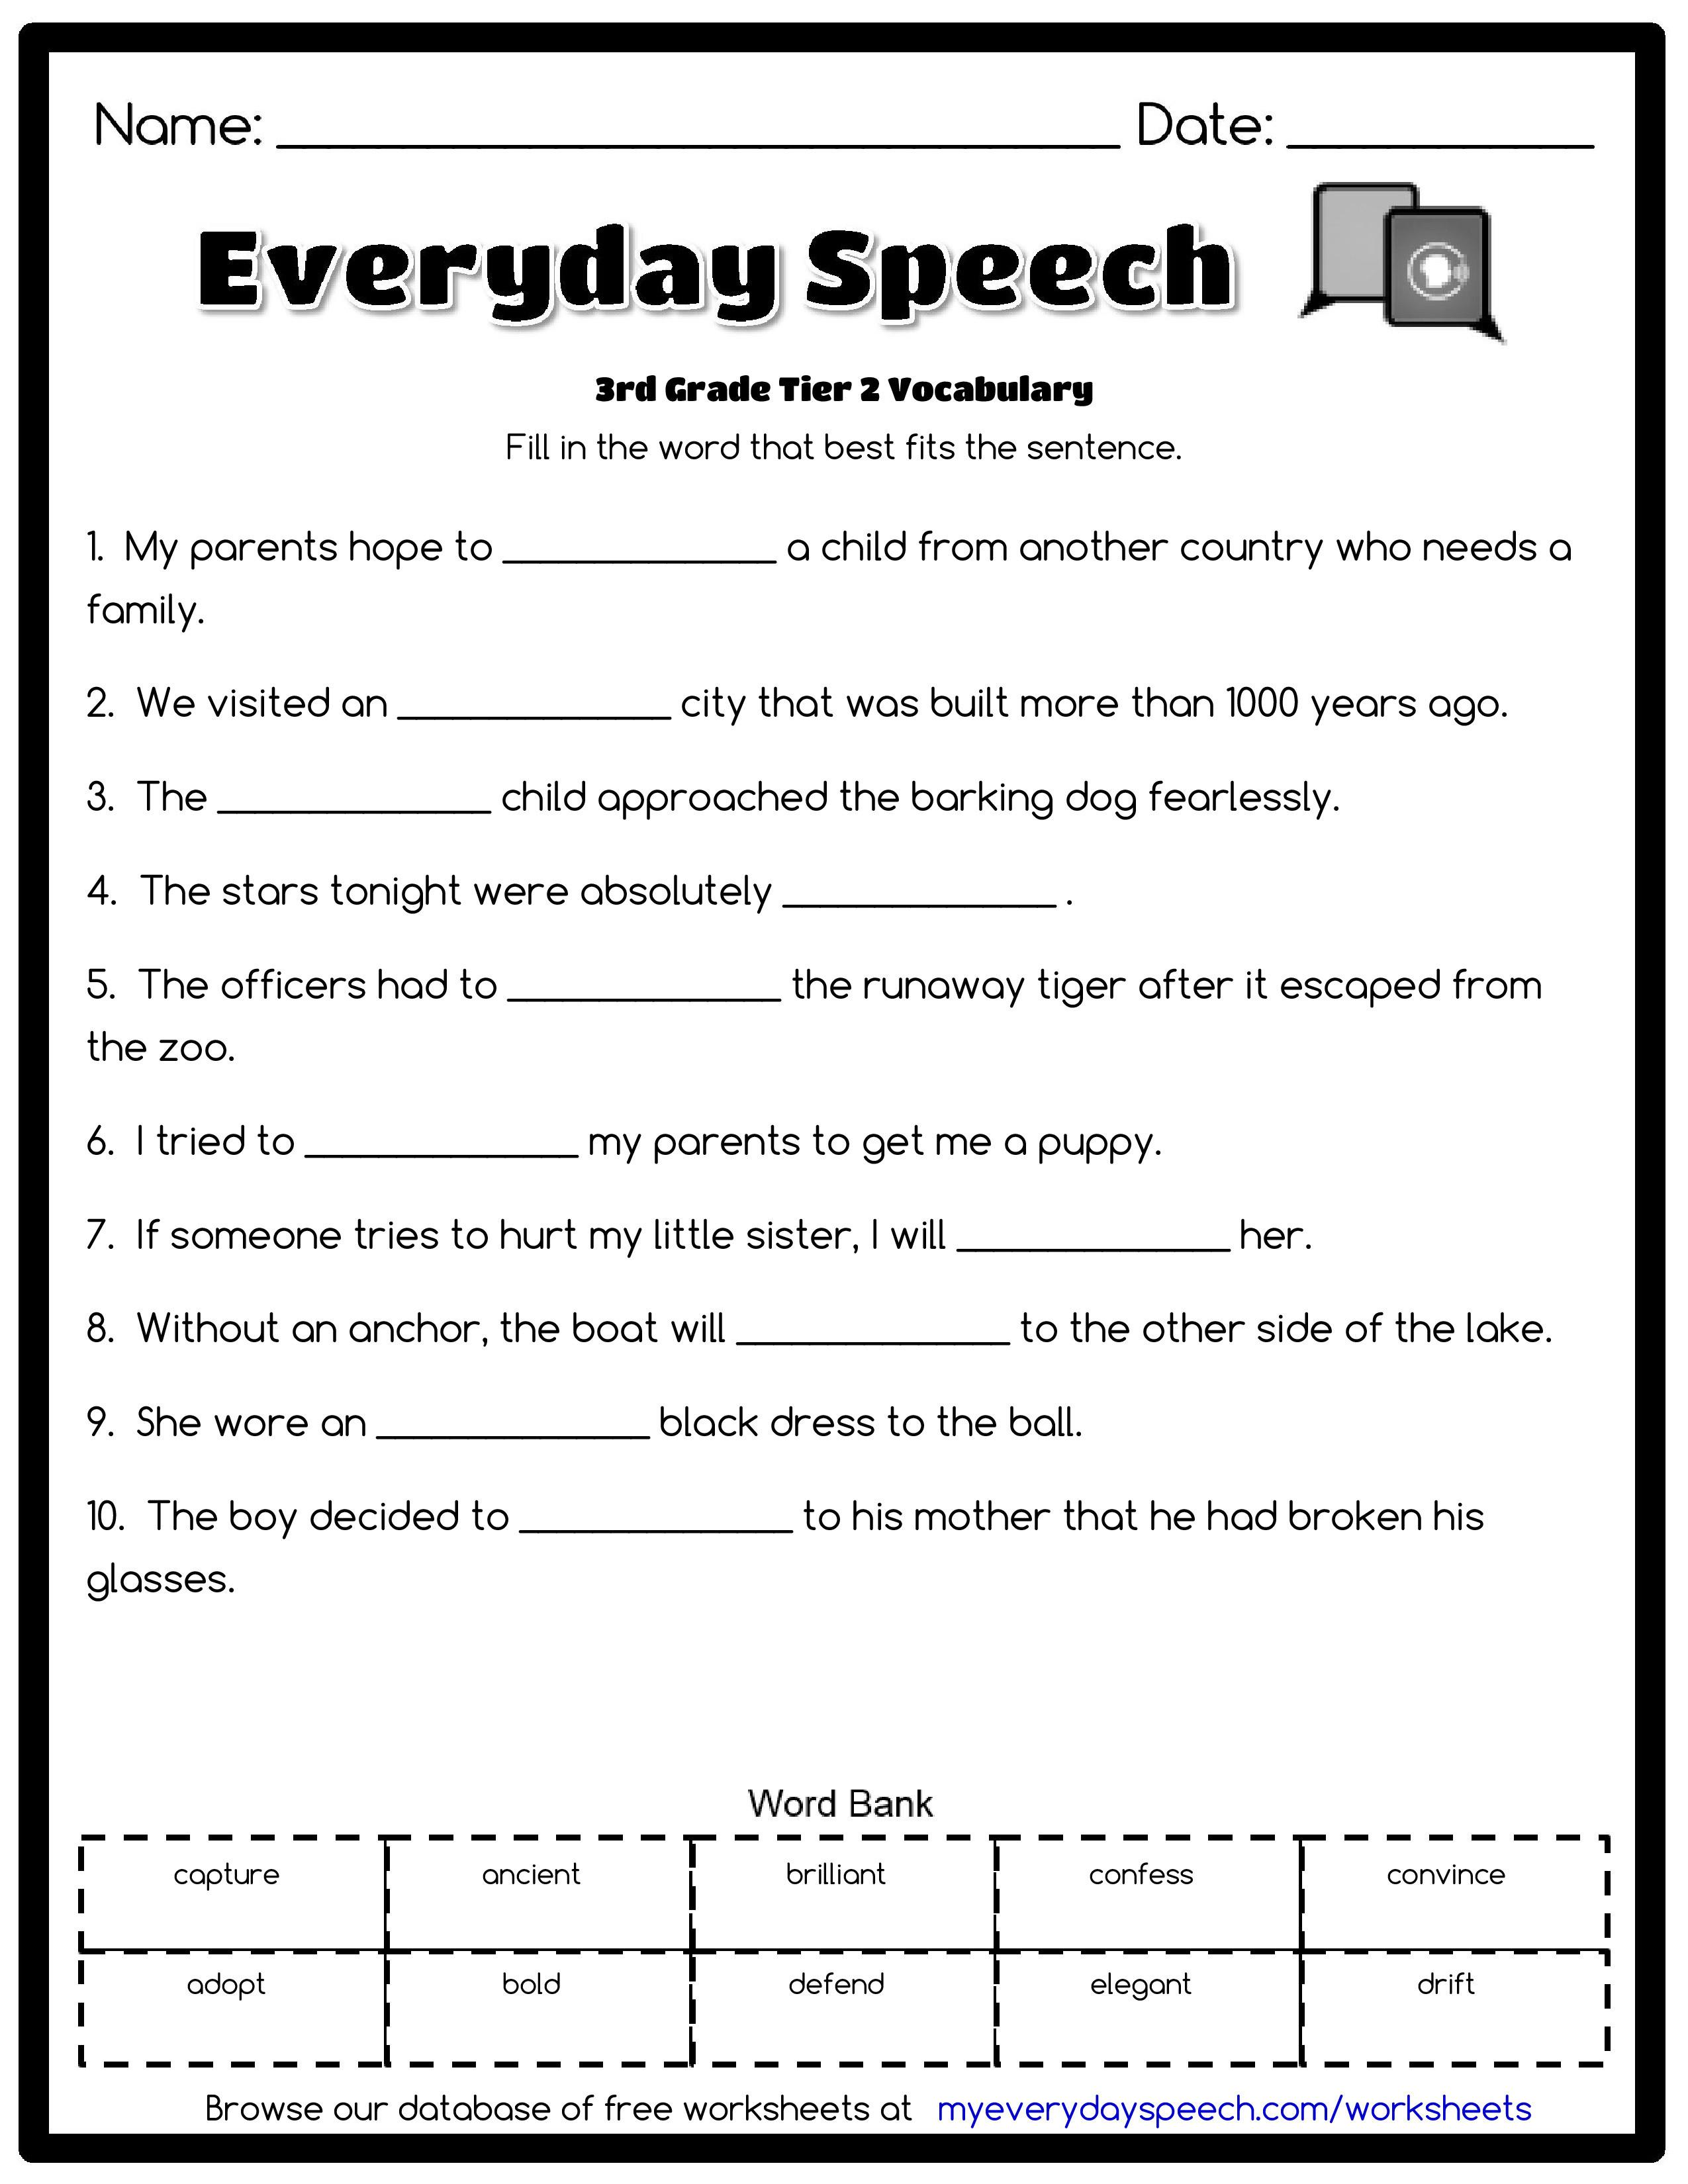 5th Grade Vocabulary Worksheets 3rd Grade Vocabulary Worksheets for Download 3rd Grade